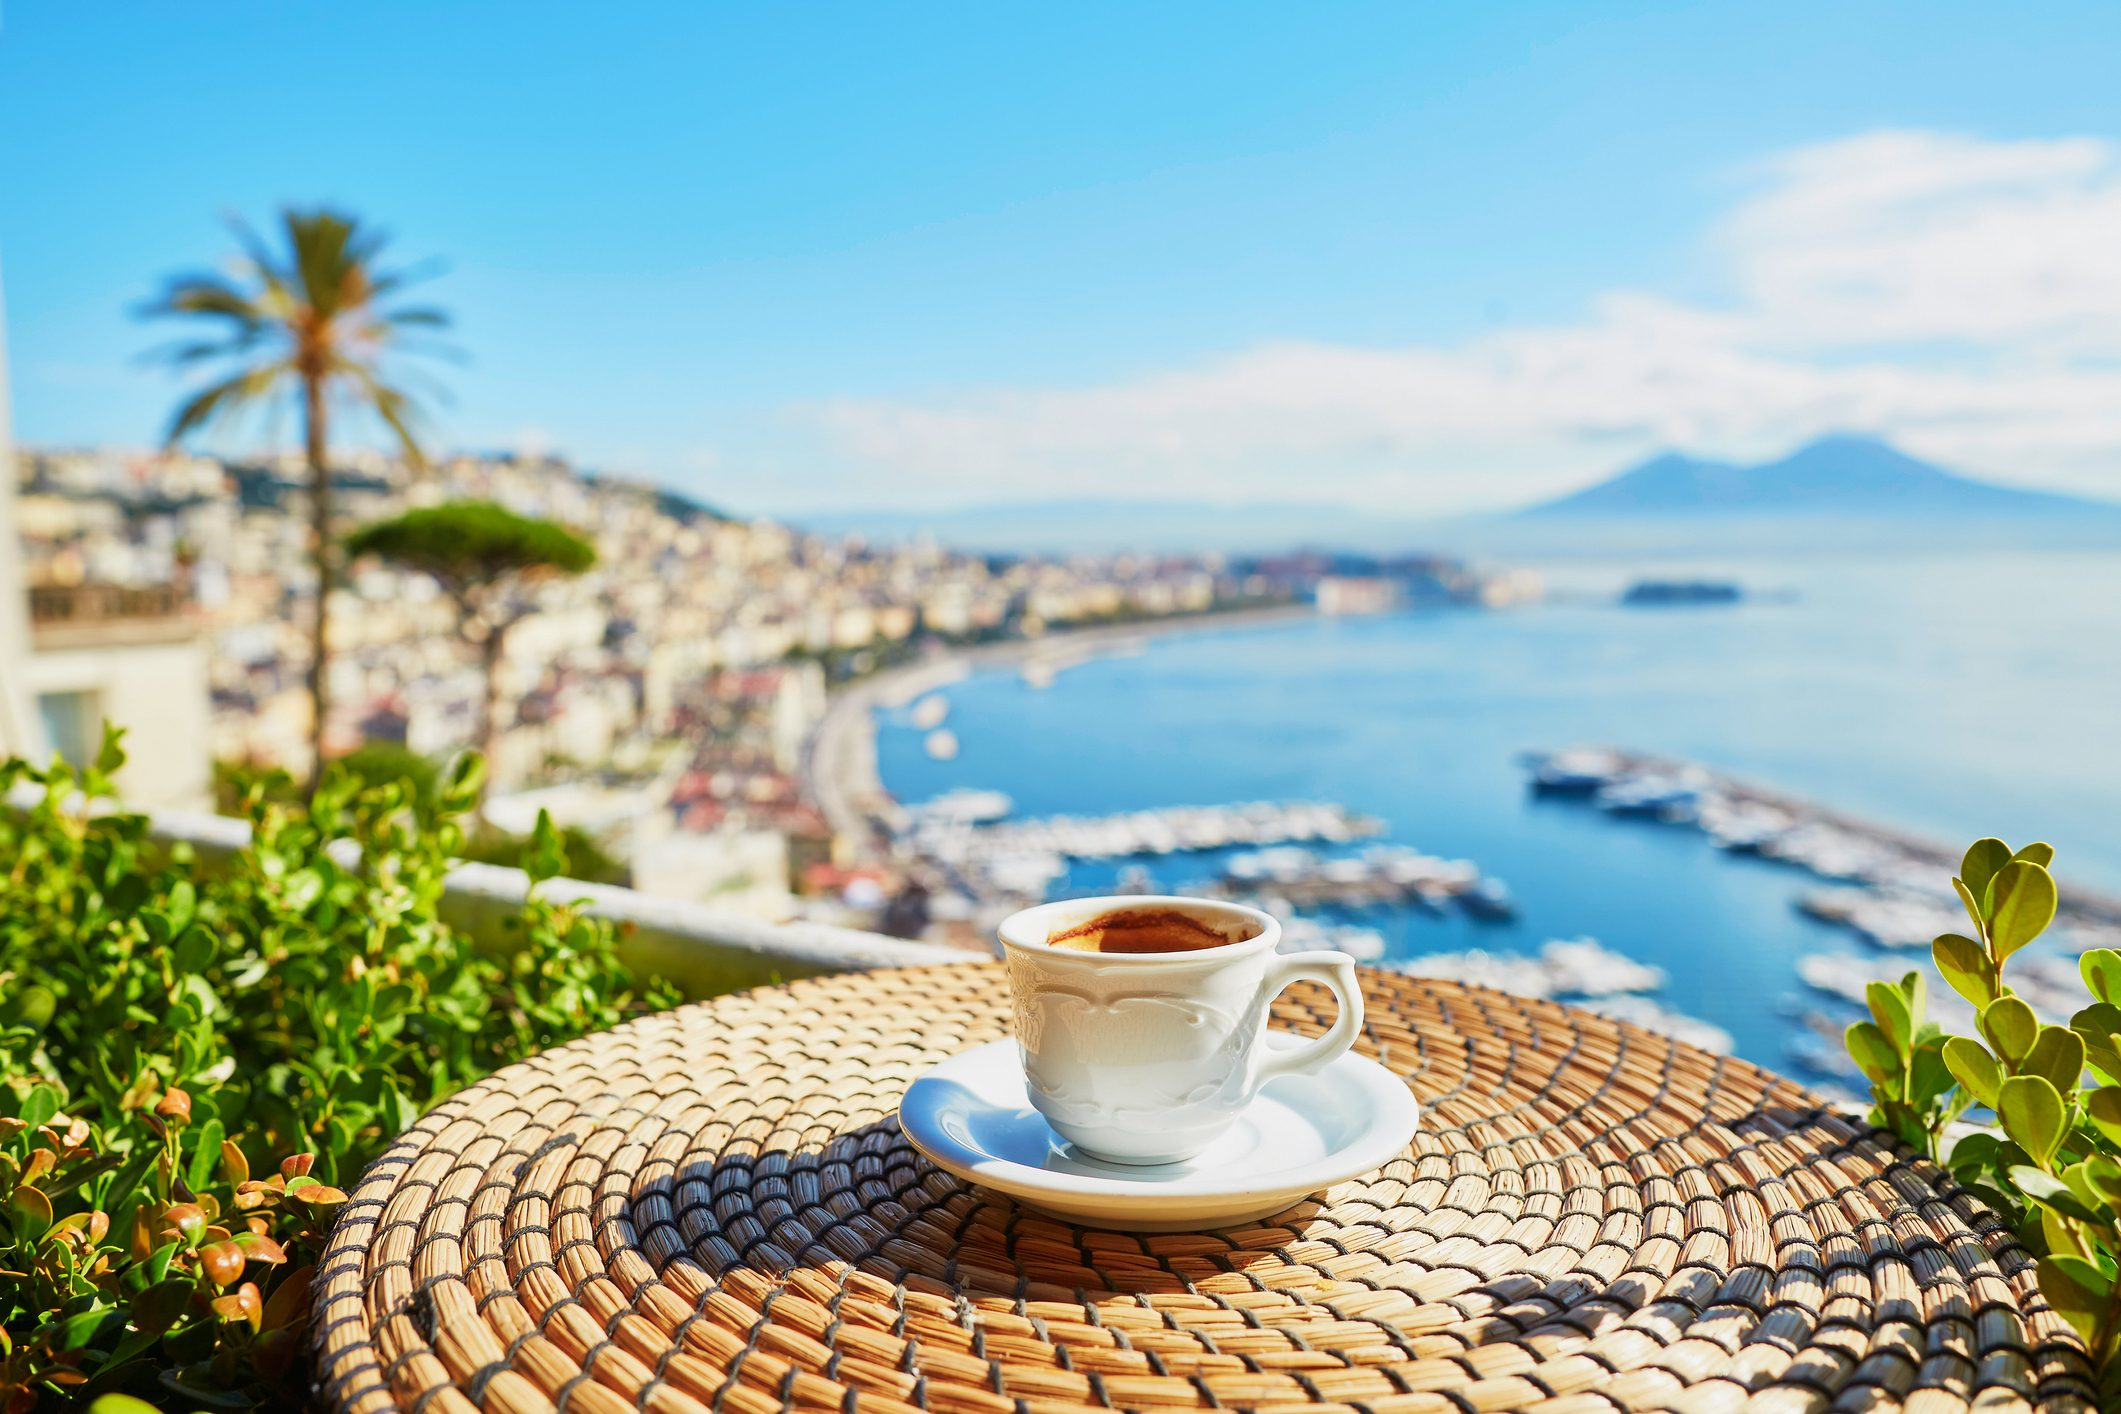 caffè-canzone-napoletana-pino-daniele-de-andre